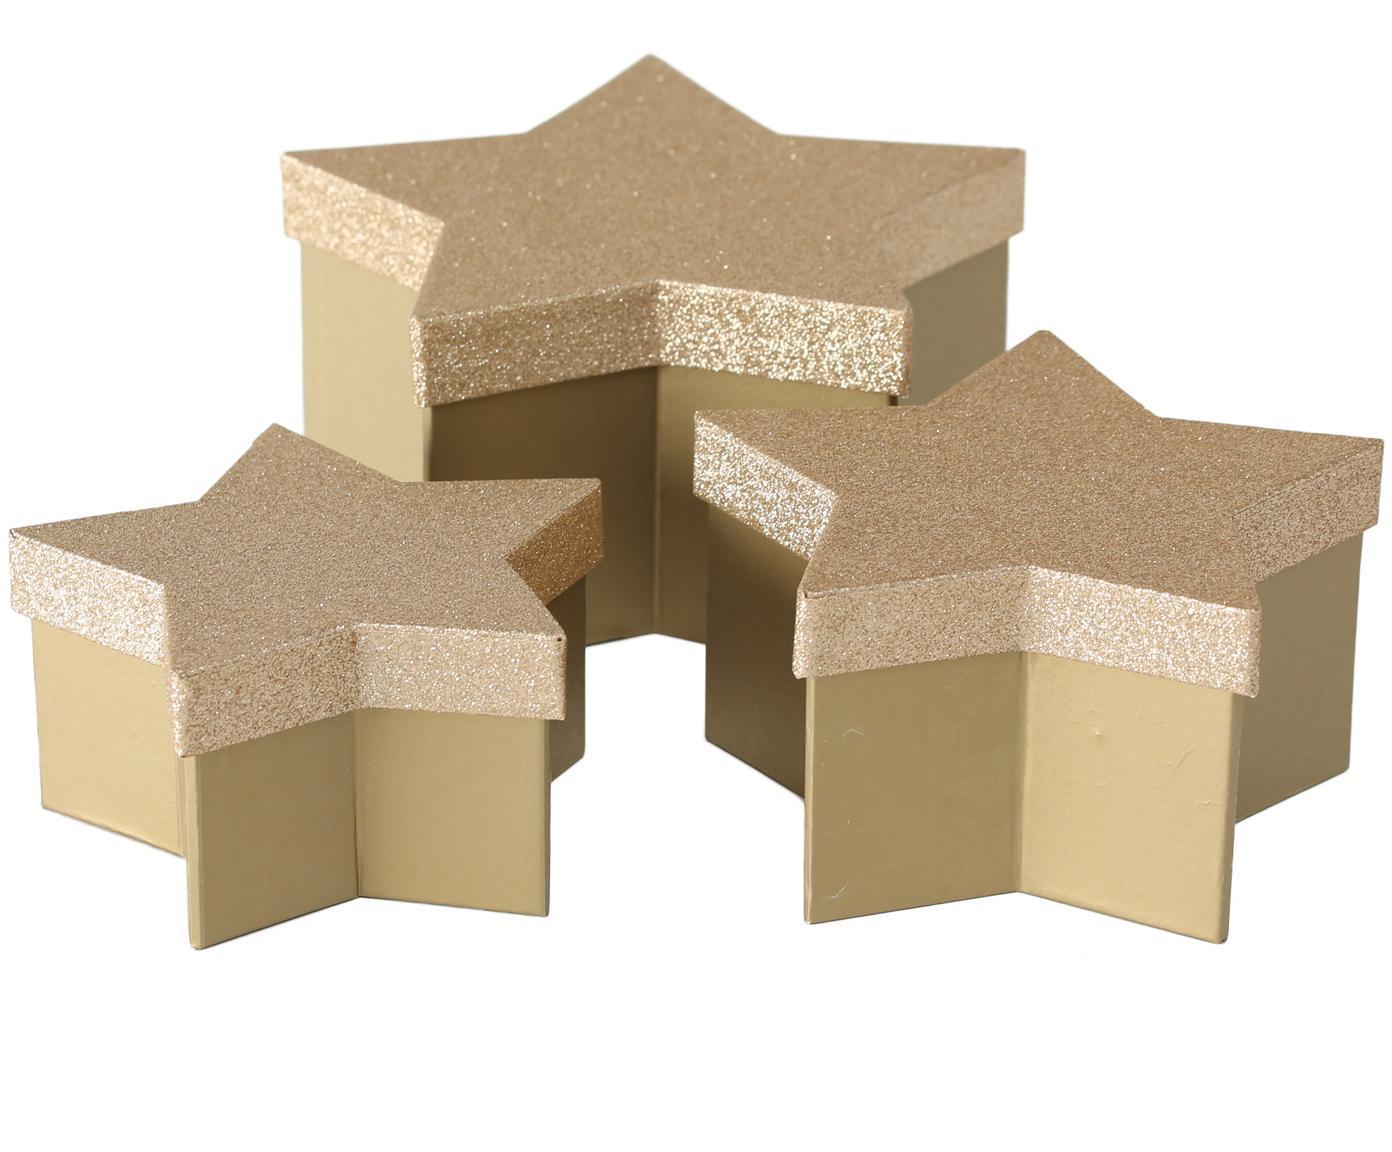 Komplet pudełek prezentowych Star, 3 elem., Papier, Odcienie złotego, Różne rozmiary